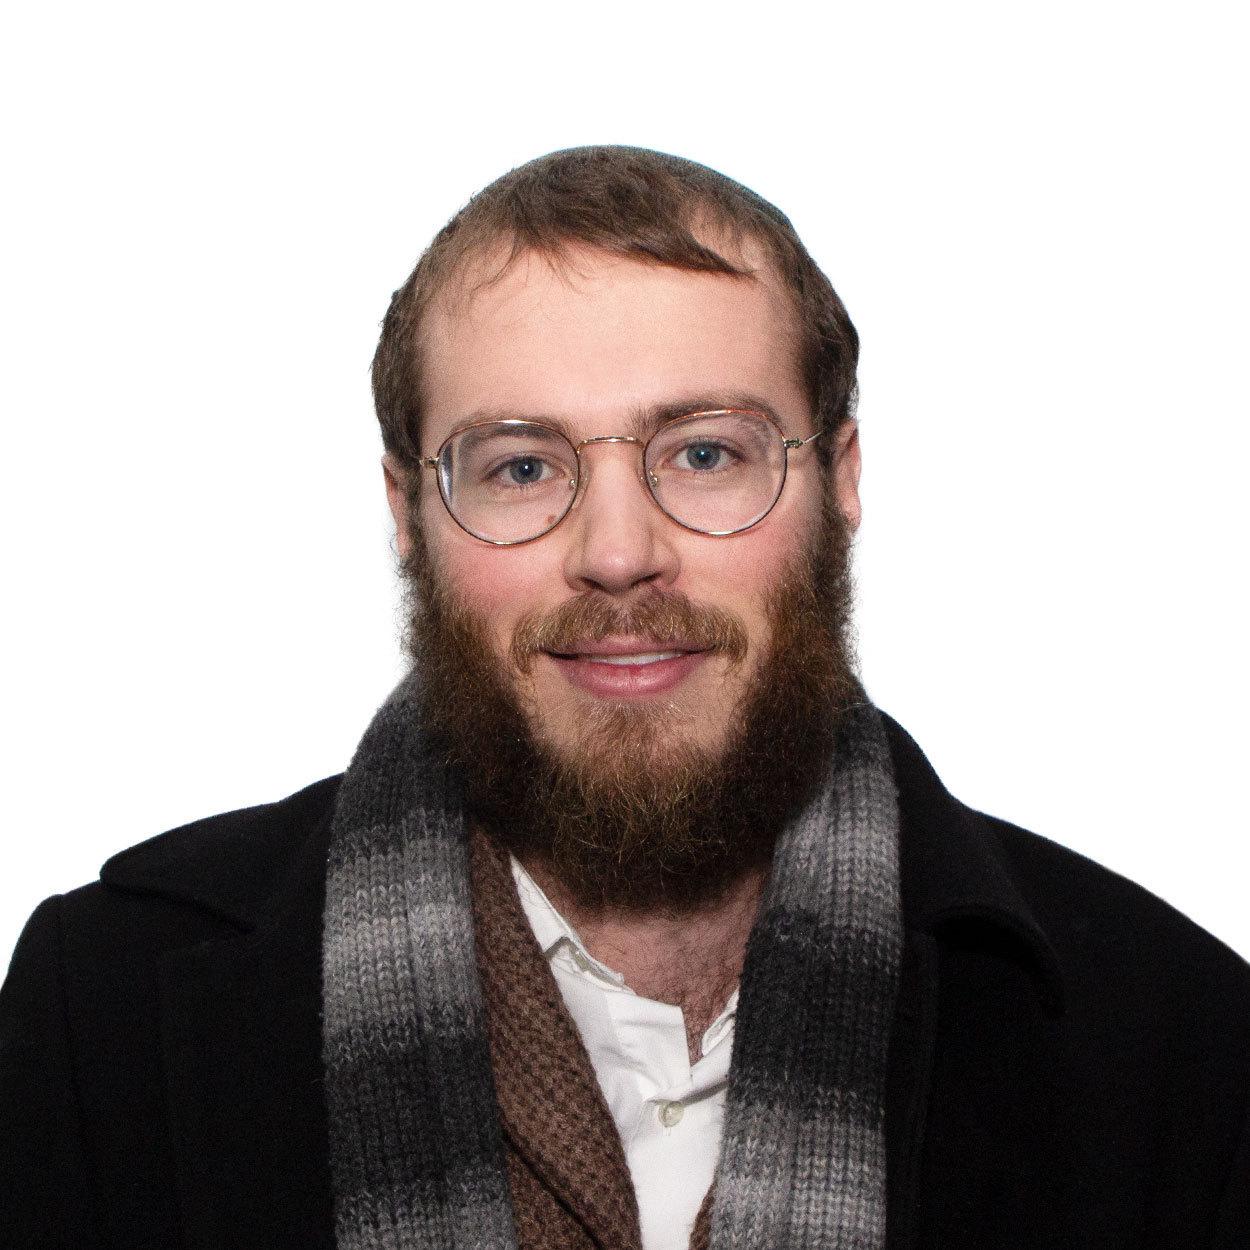 Yossi Elgarten